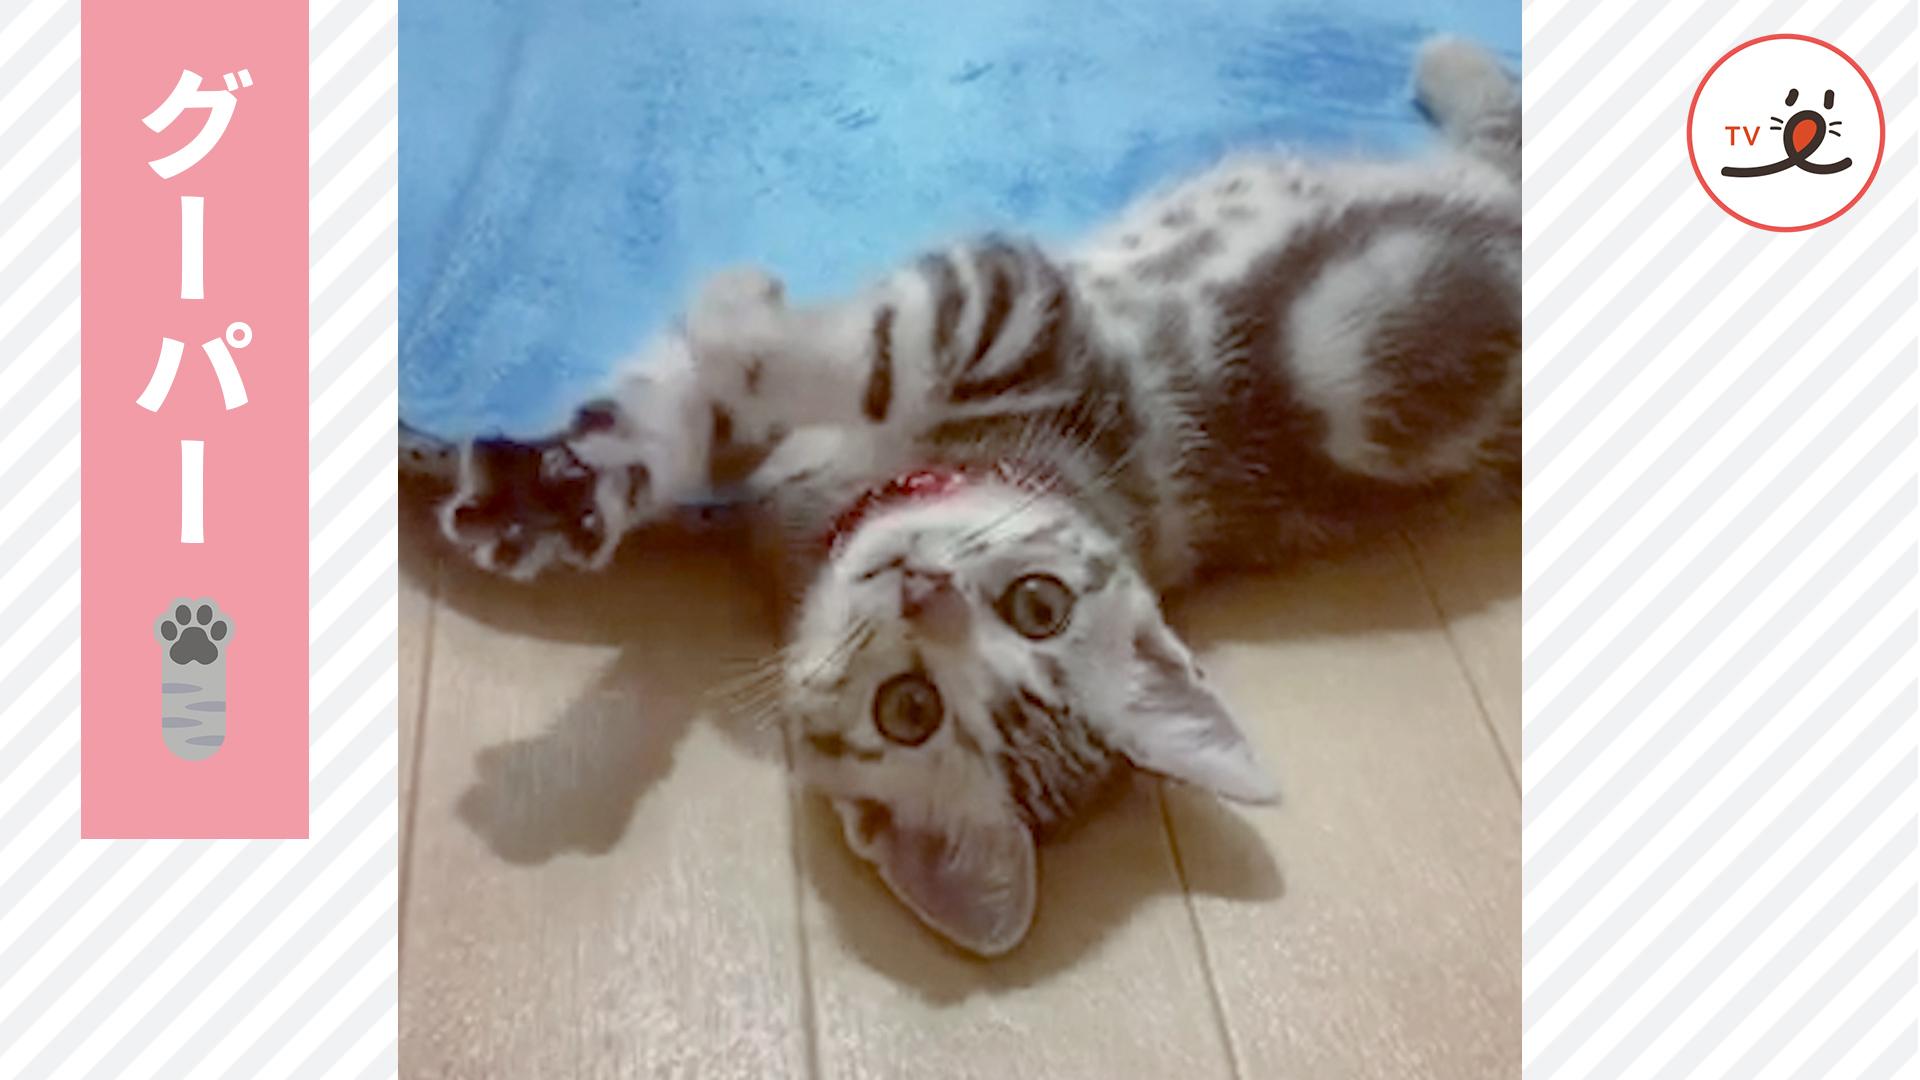 飼い主さんの出待ちに成功してエアふみふみしちゃう子猫が可愛すぎる😍